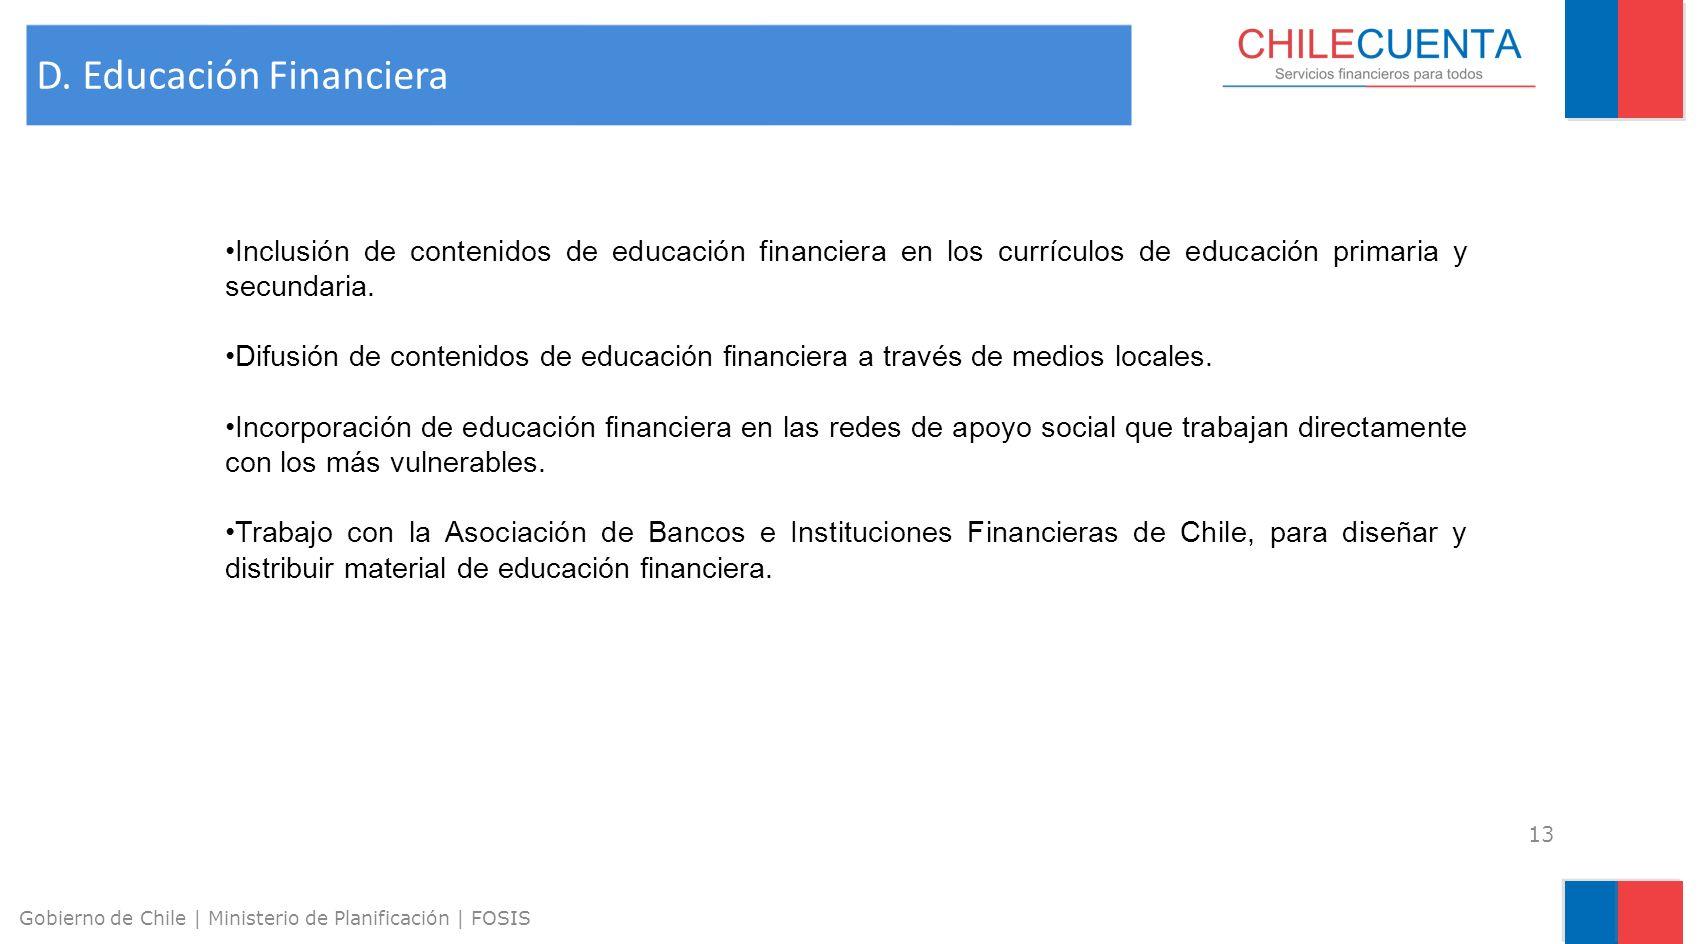 D. Educación Financiera